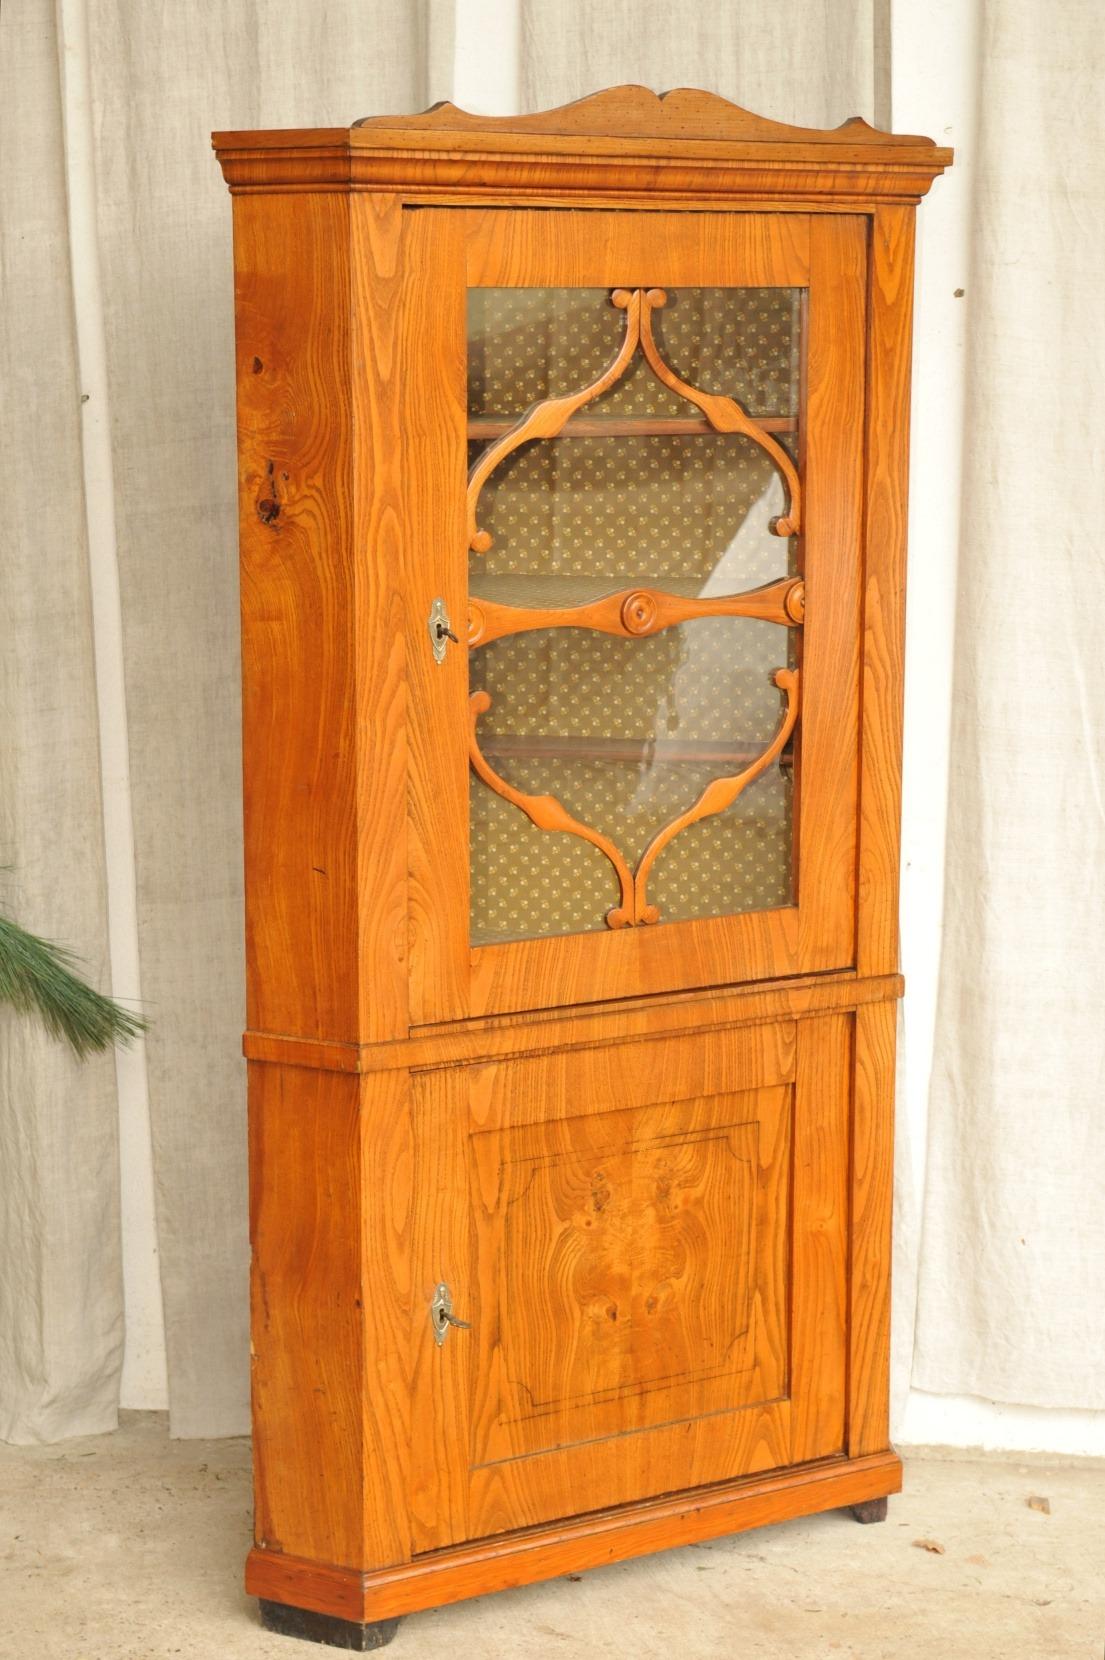 biedermeier eckschrank esche antik im hof biedermeier eckvitrine esche eckschrank. Black Bedroom Furniture Sets. Home Design Ideas